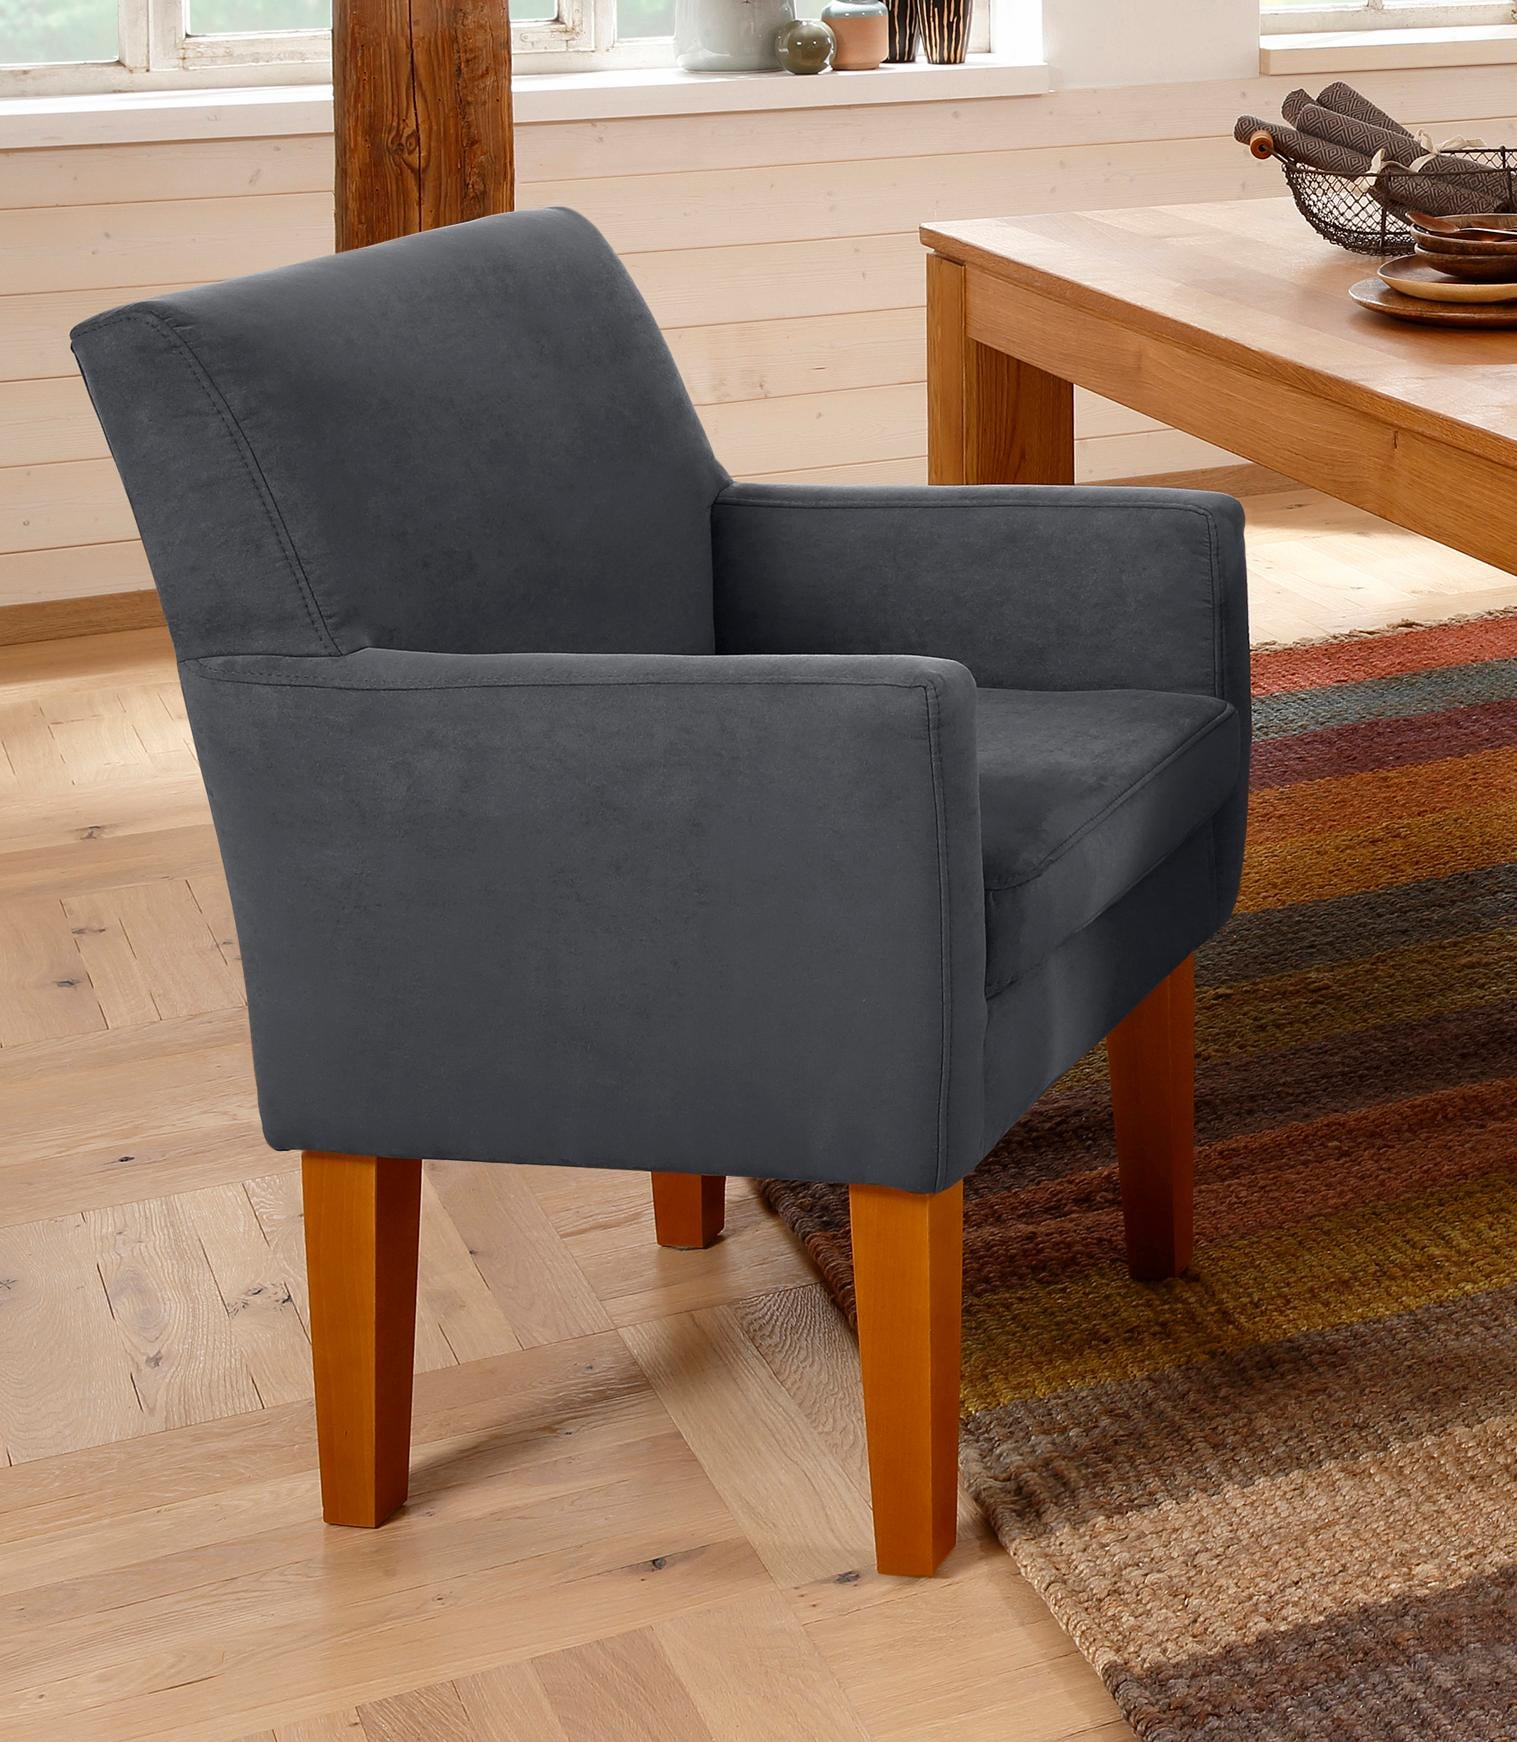 Home affaire Sessel Fehmarn komfortable Sitzhöhe von 54 cm in 3 verschiedenen Bezugsqualitäten